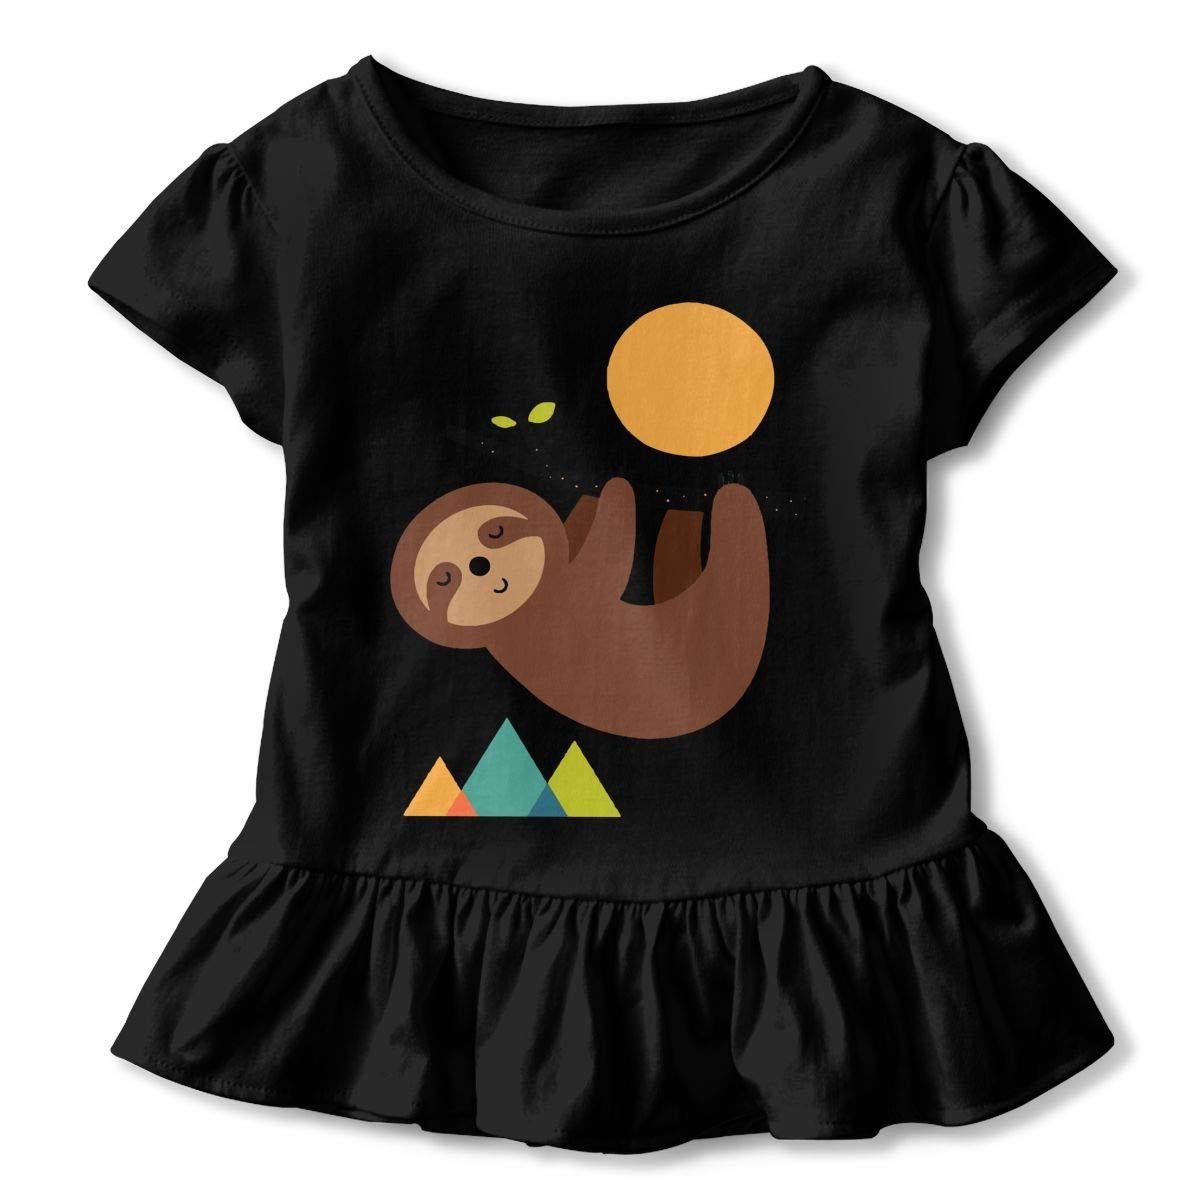 SHIRT1-KIDS Sloth Cute Childrens Girls Short Sleeve T-Shirt Ruffles Shirt Tee Jersey for 2-6T